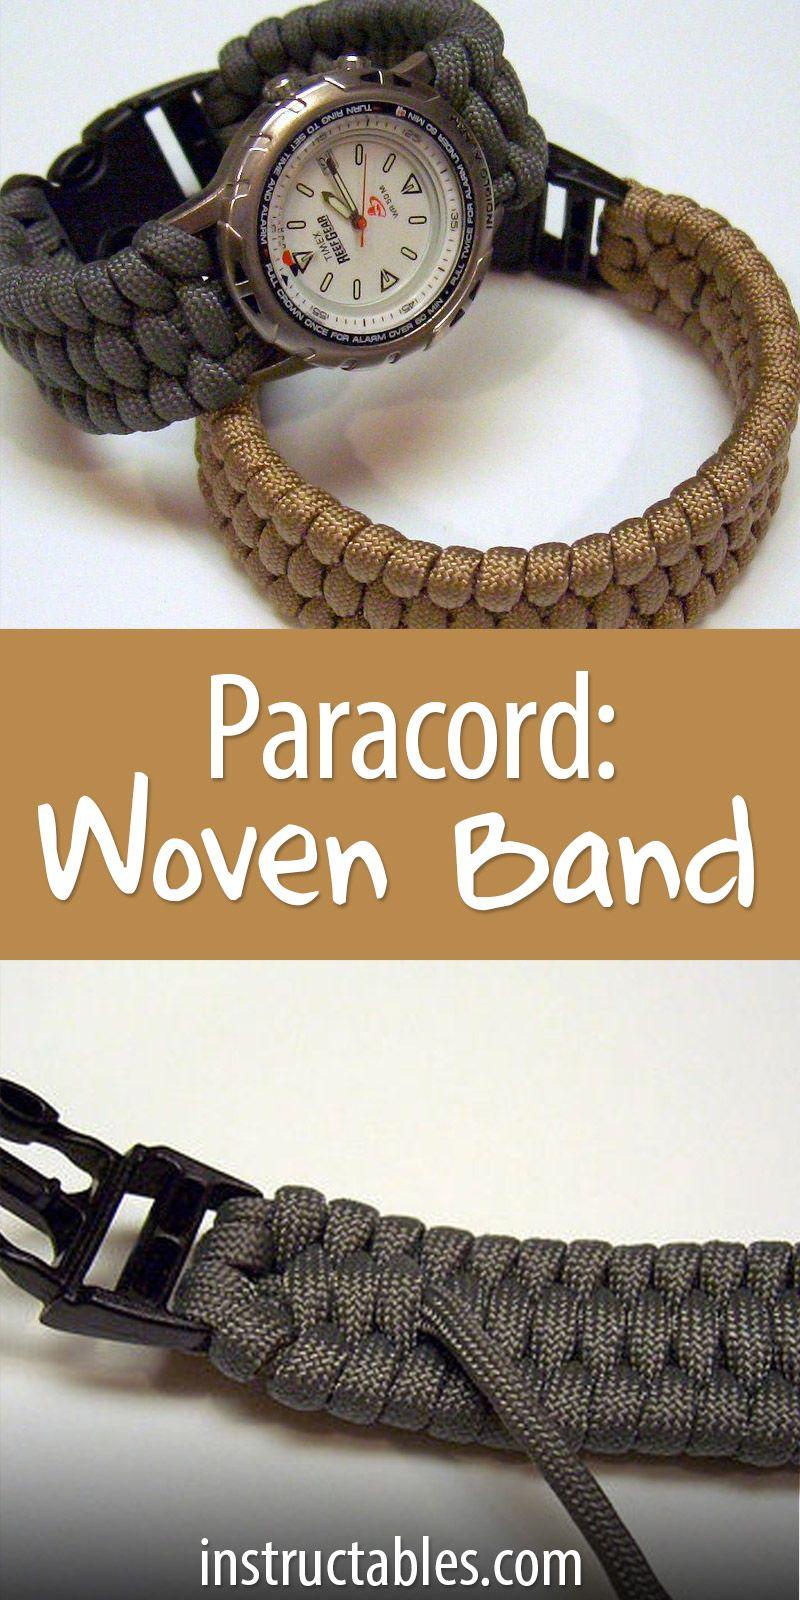 Woven Paracord Bracelet Watchband Paracord Bracelets Paracord